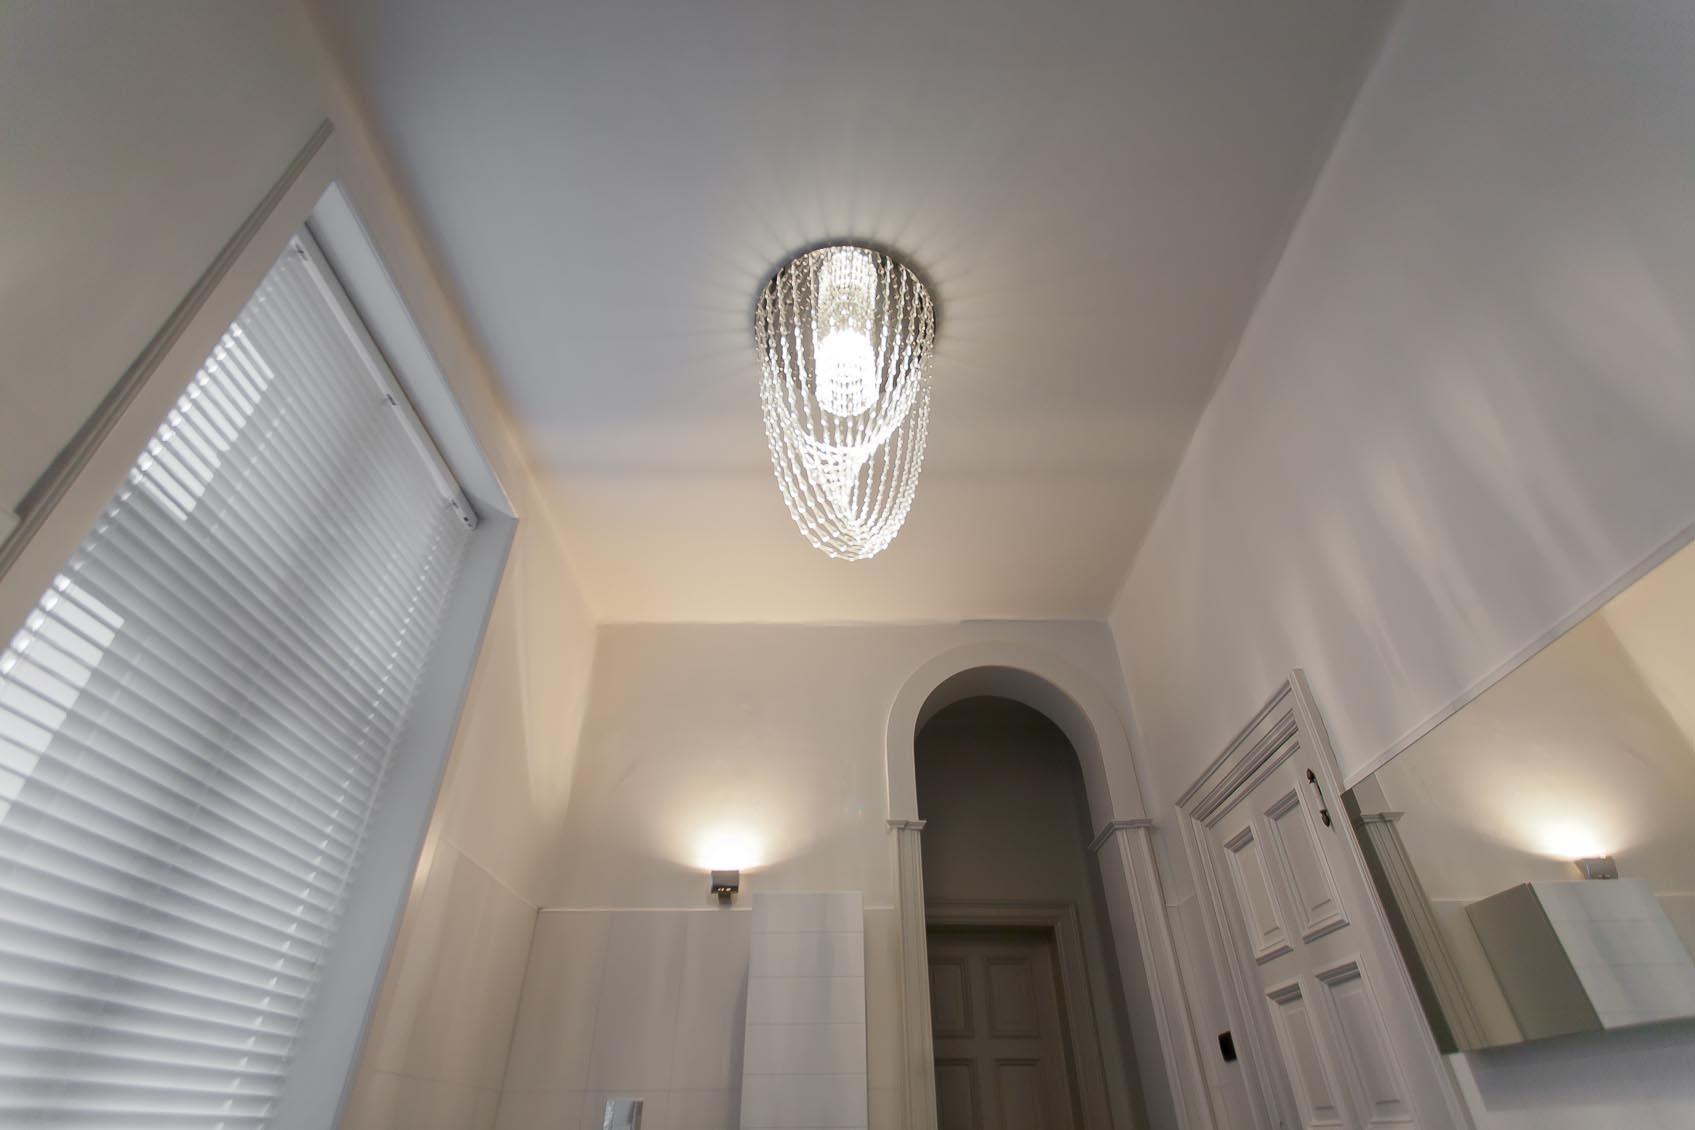 Viabizzuno stijlvol lichtarmatuur 'Gocce' werd geadviseerd in lichtconcept door Lichthuis Mol